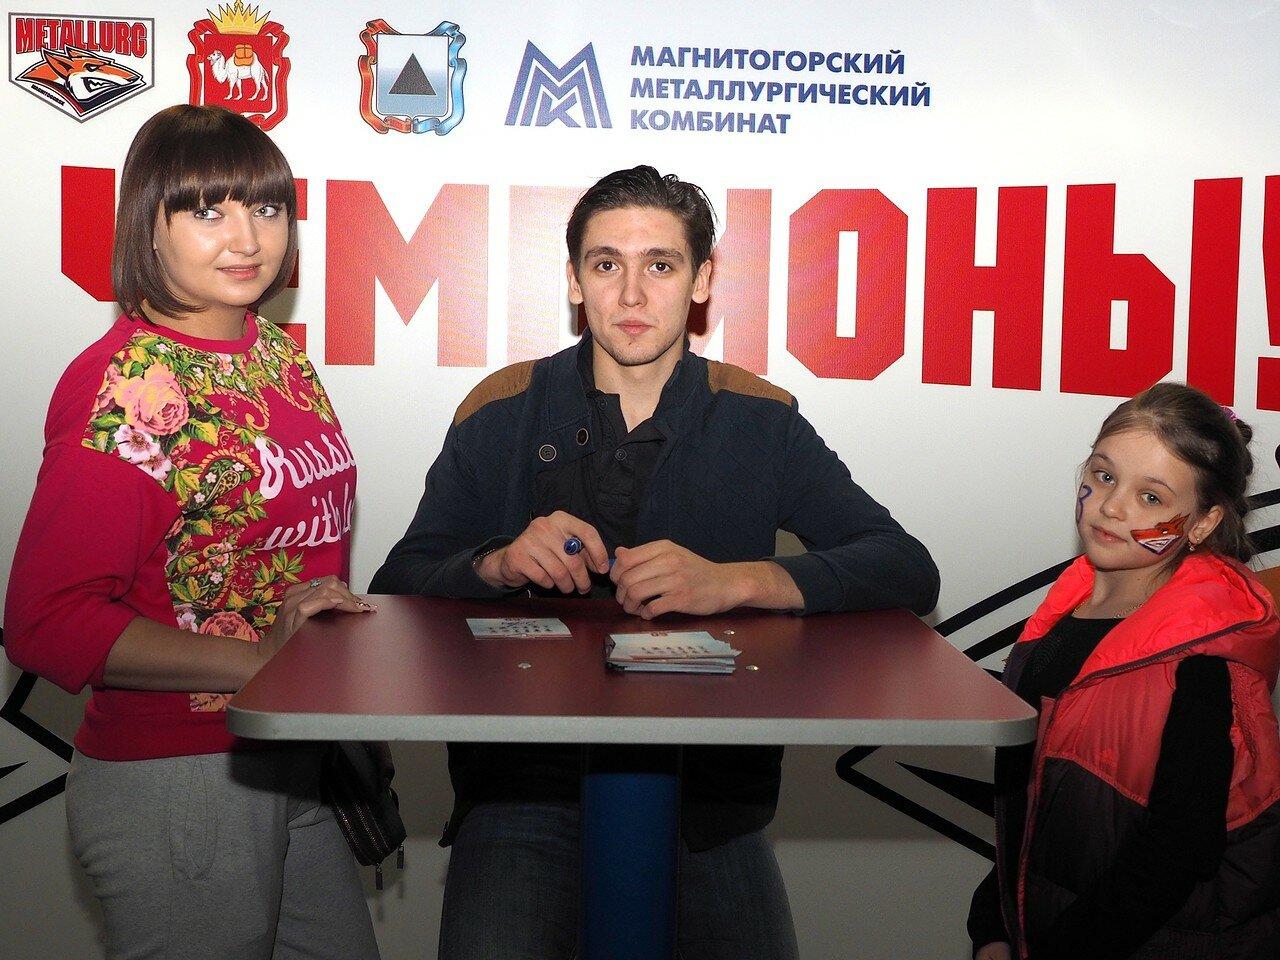 101Металлург - Cпартак 26.12.2015